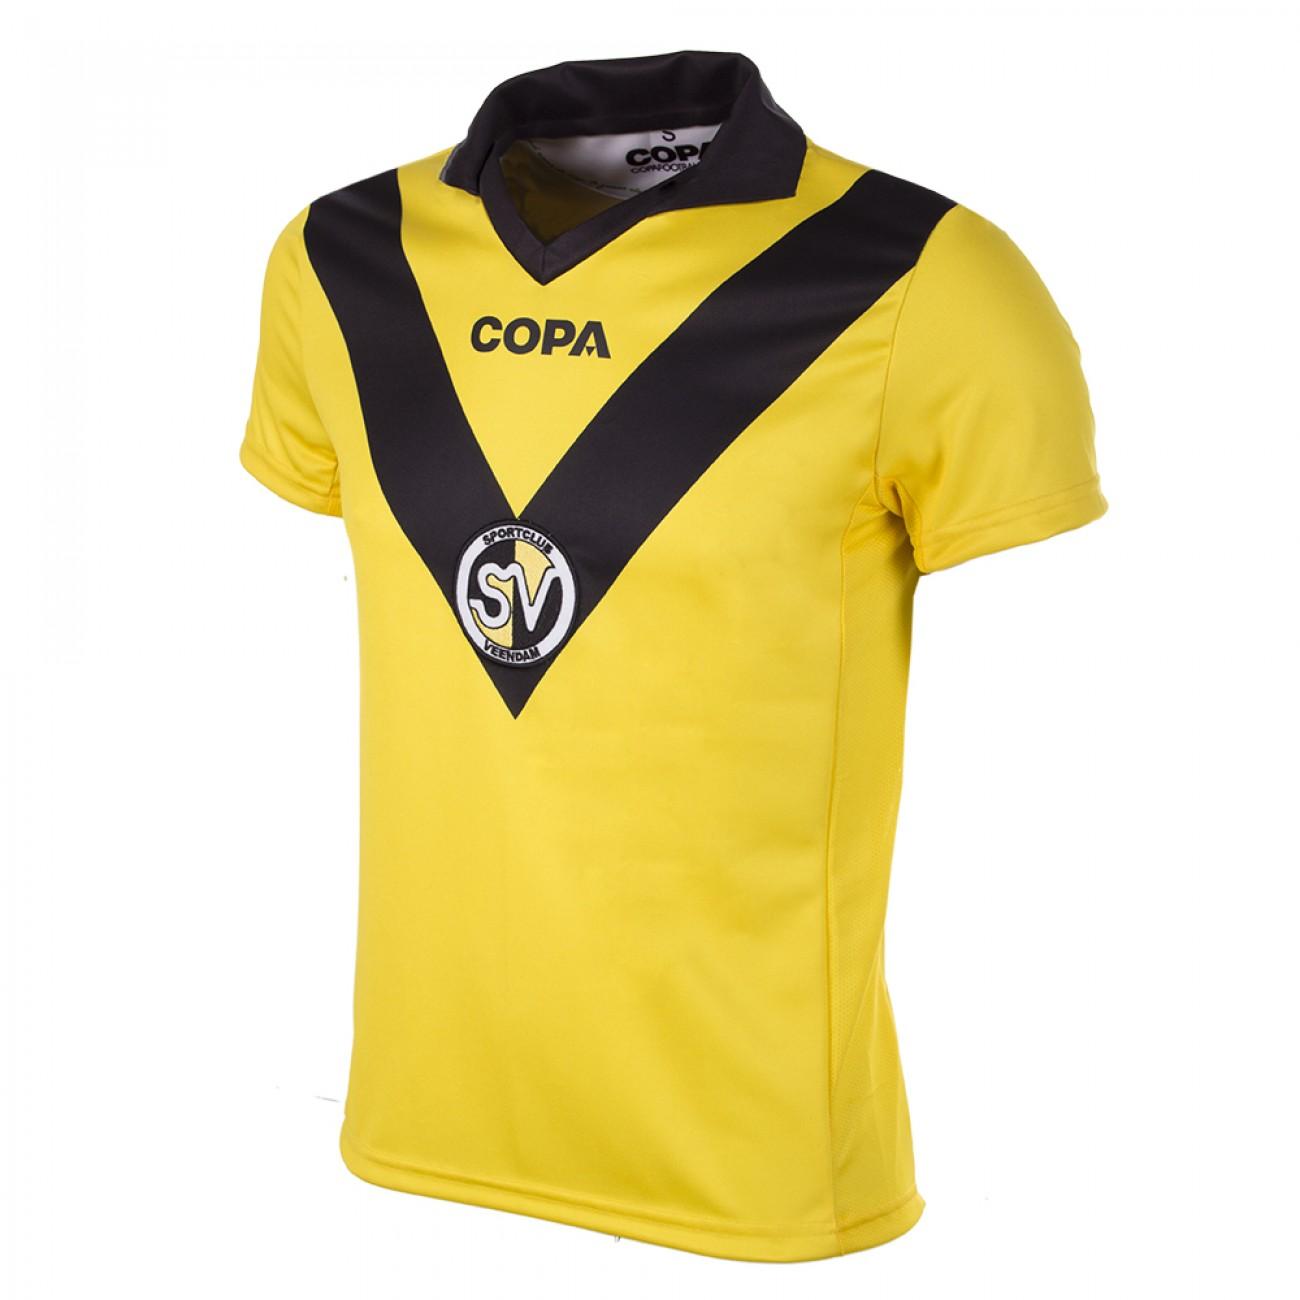 http://www.retrofootball.es/ropa-de-futbol/camiseta-sv-veendam-2e-divisie.html